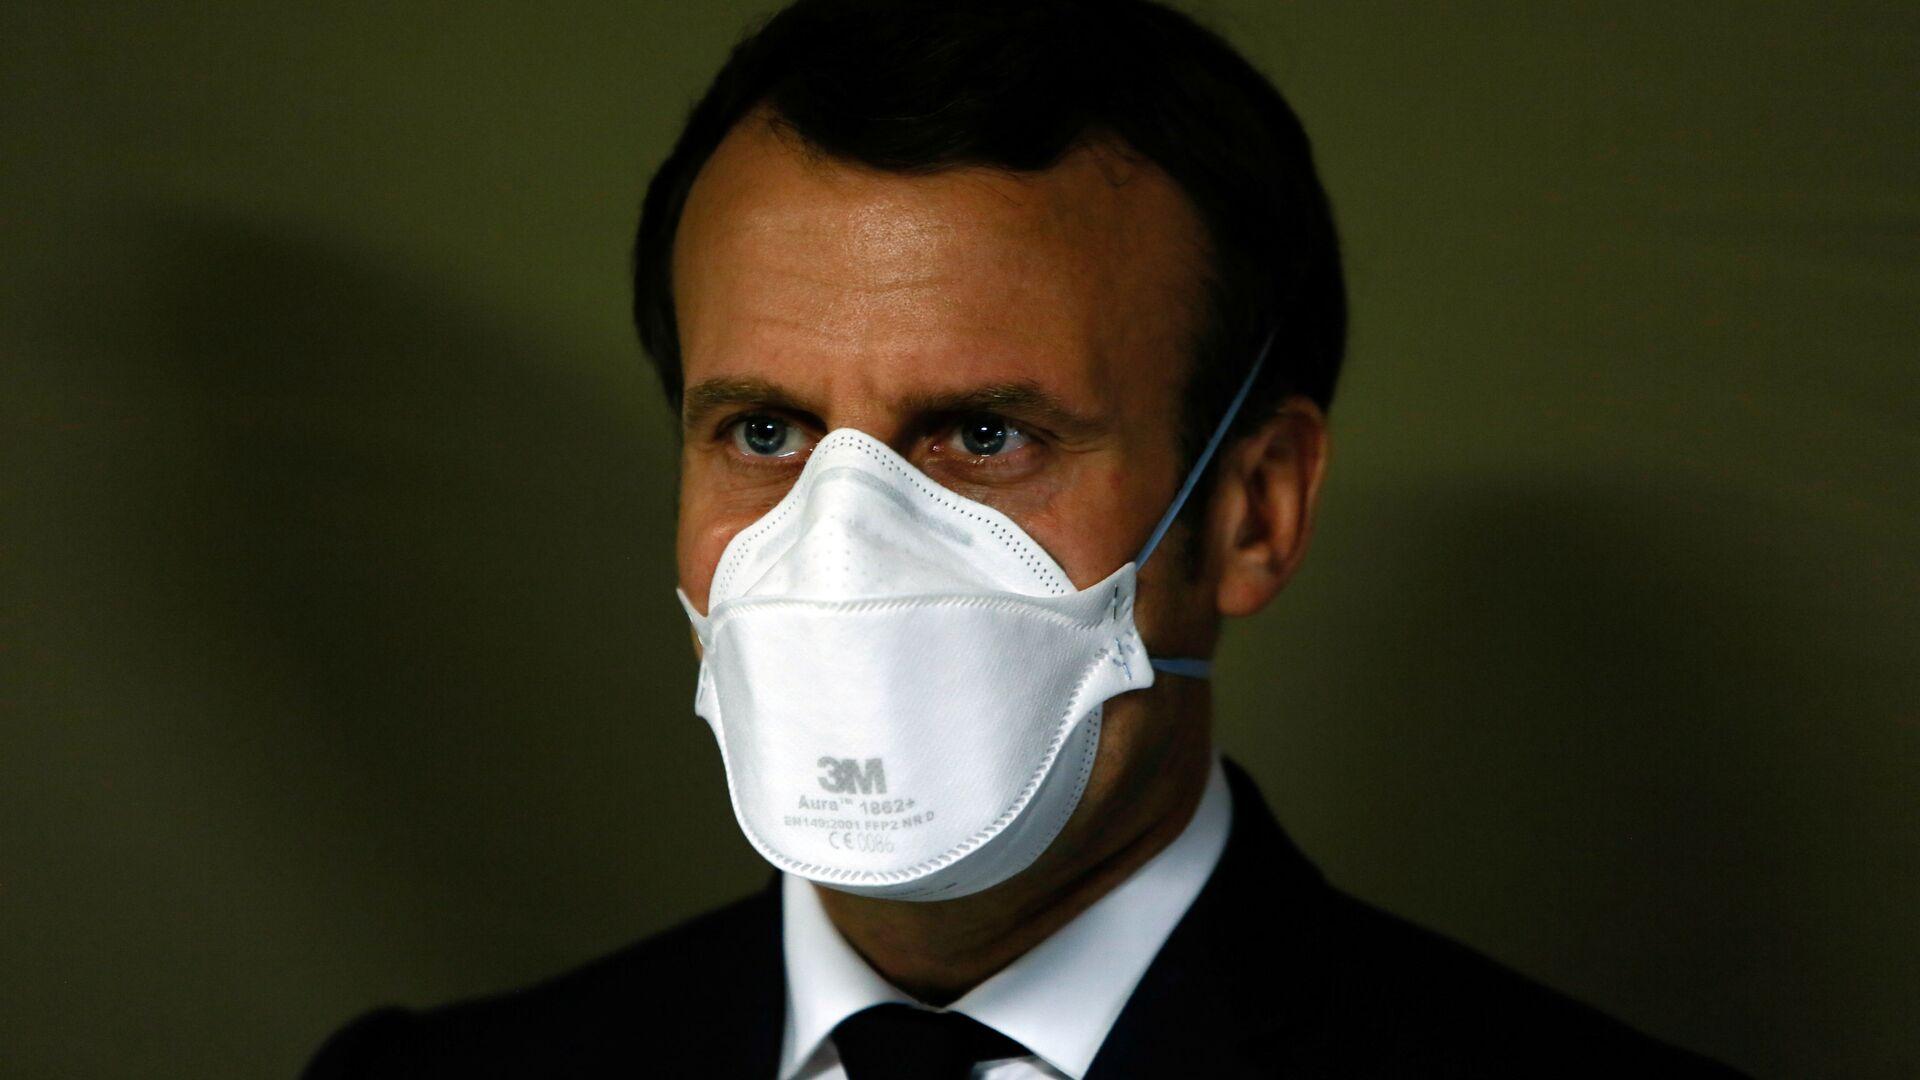 Президент Франции Эммануэль Макрон в медицинской маске - Sputnik Узбекистан, 1920, 12.09.2021